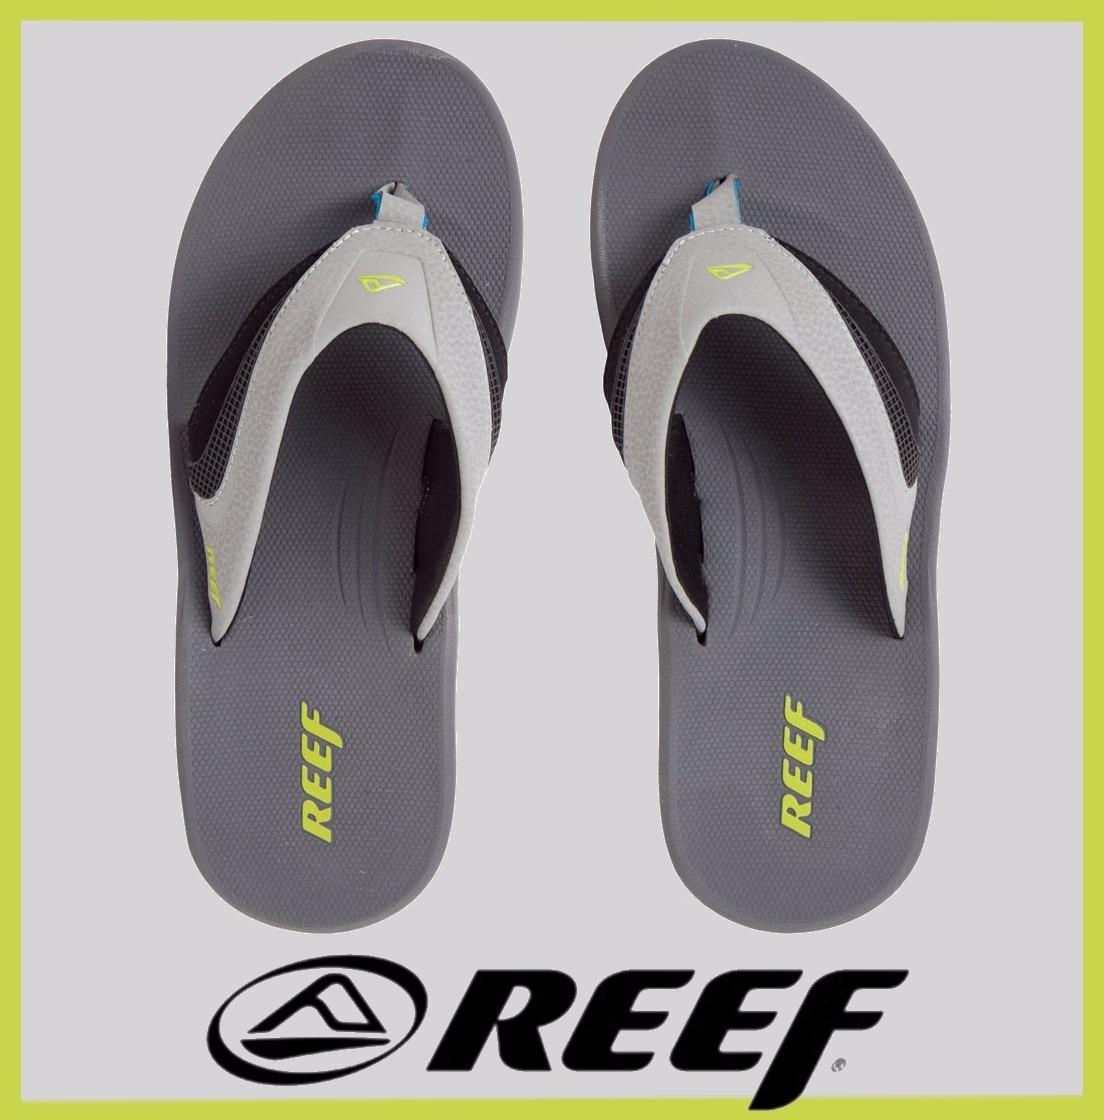 7ca9008e3b34fb Chinelo Reef Phantom Player Exclusivo C/ Abridor De Garrafas